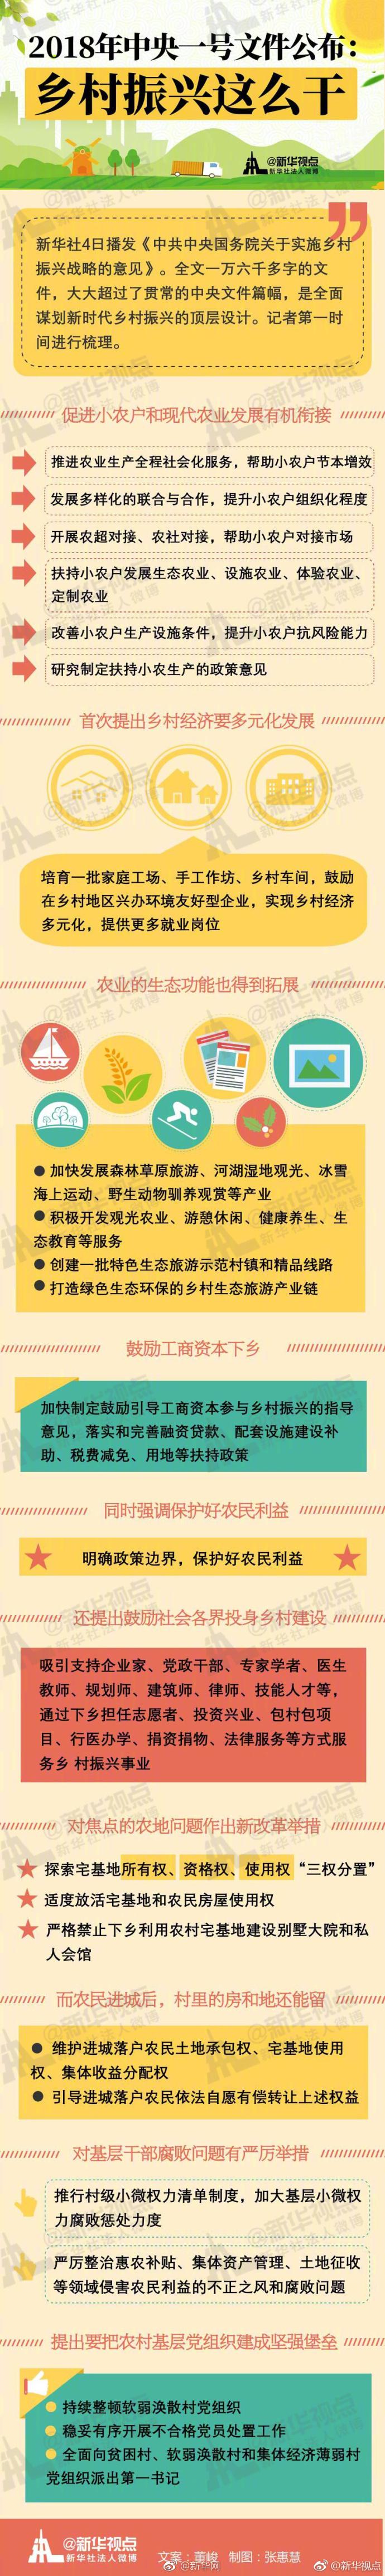 定了!中央一号文件全面谋划新时代乡村振兴 新湖南www.hunanabc.com